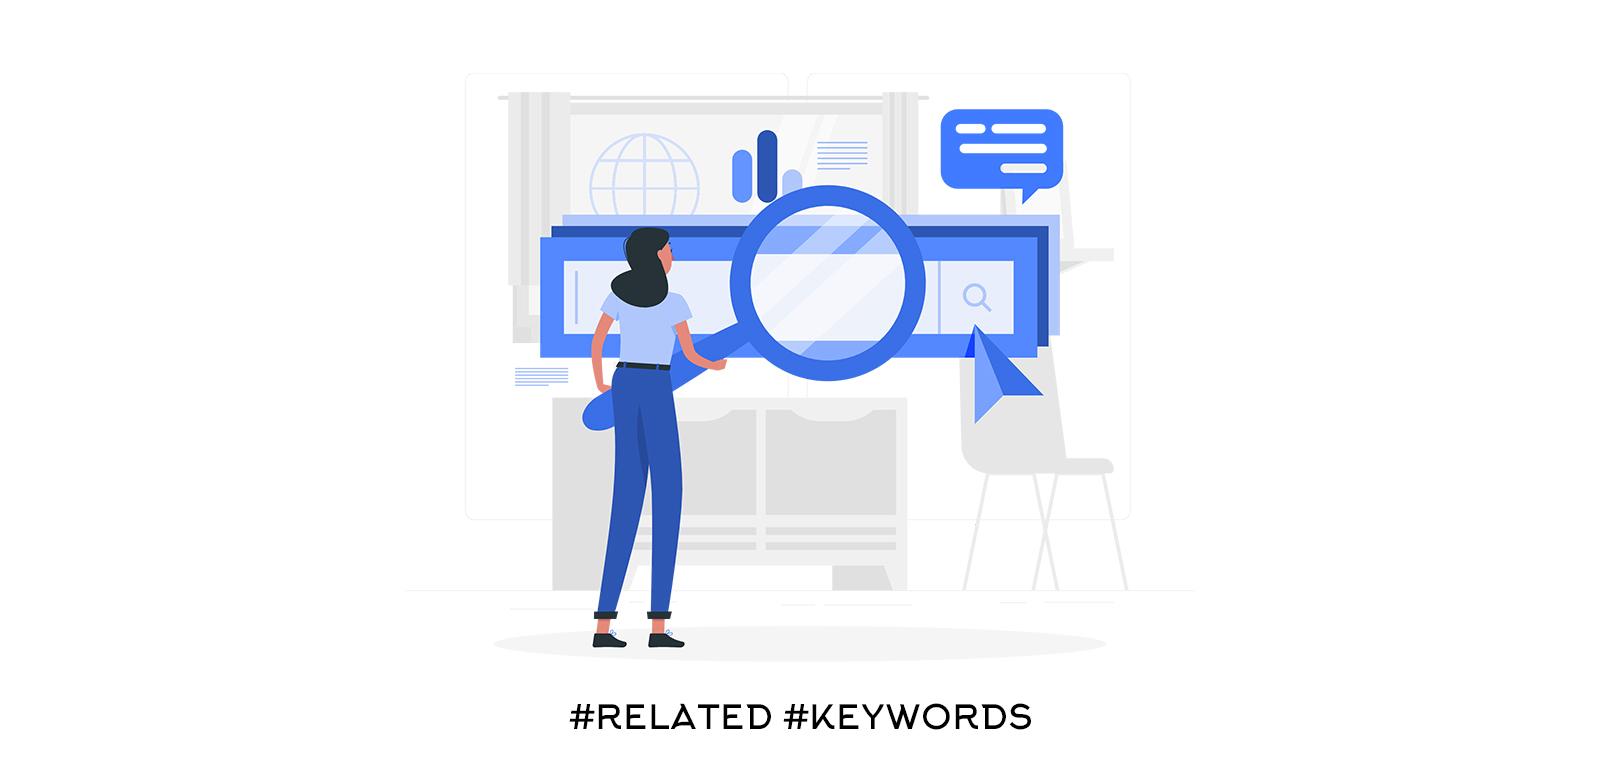 Използвайте правилният текст и думи за рекламата